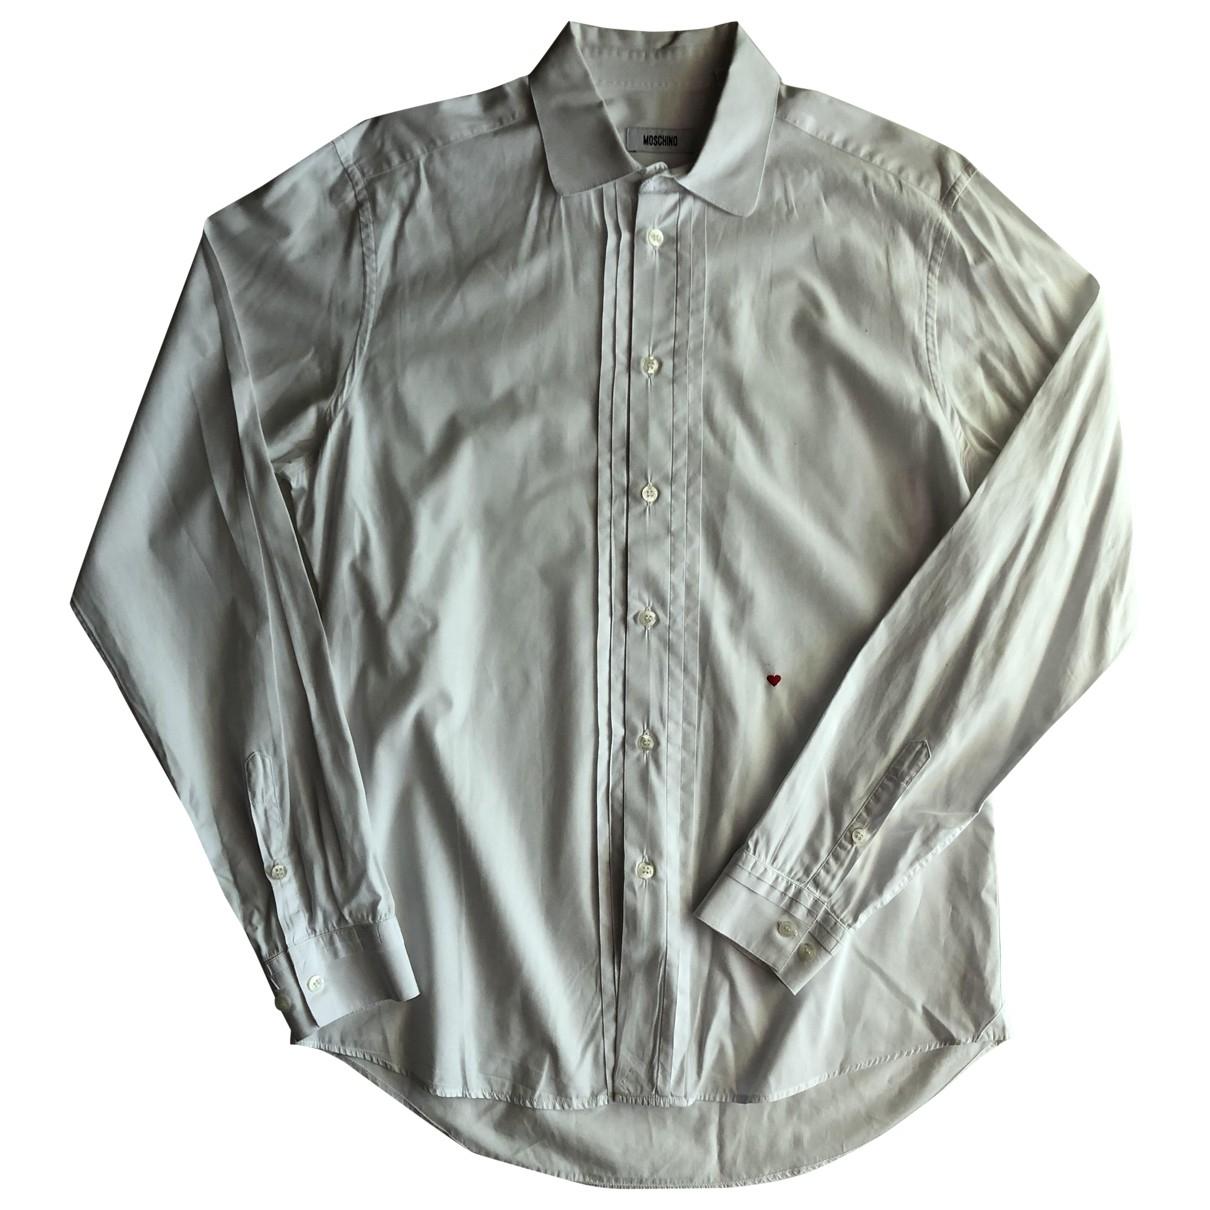 Moschino \N Hemden in  Weiss Baumwolle